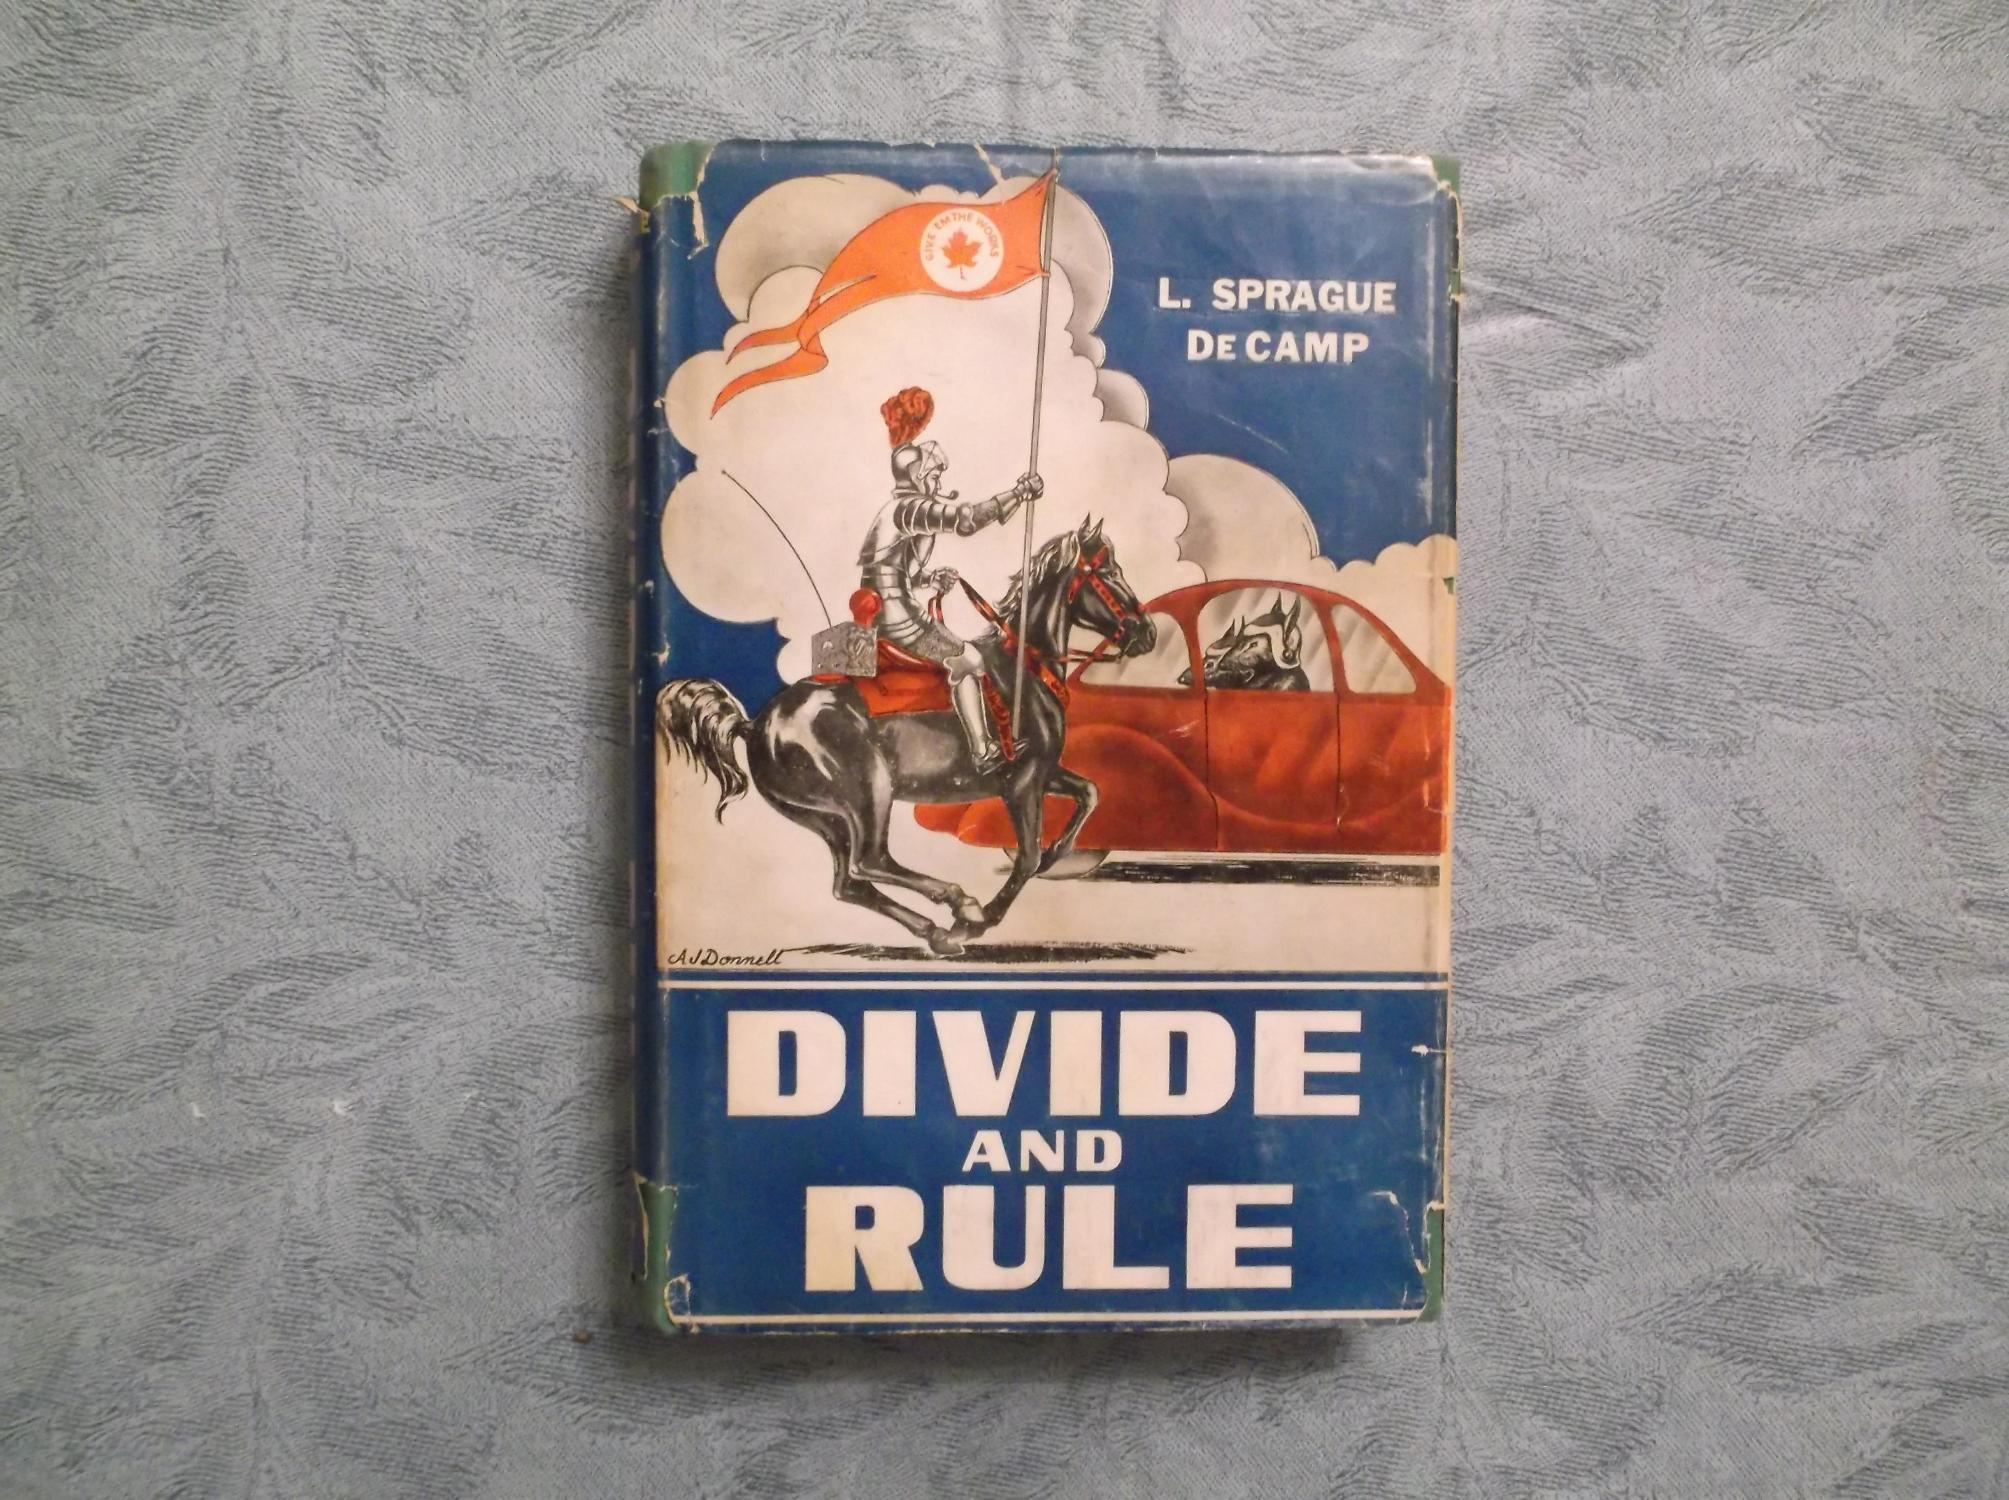 Divide_and_Rule_Signed_De_Camp_L_Sprague_Assez_bon_Couverture_rigide